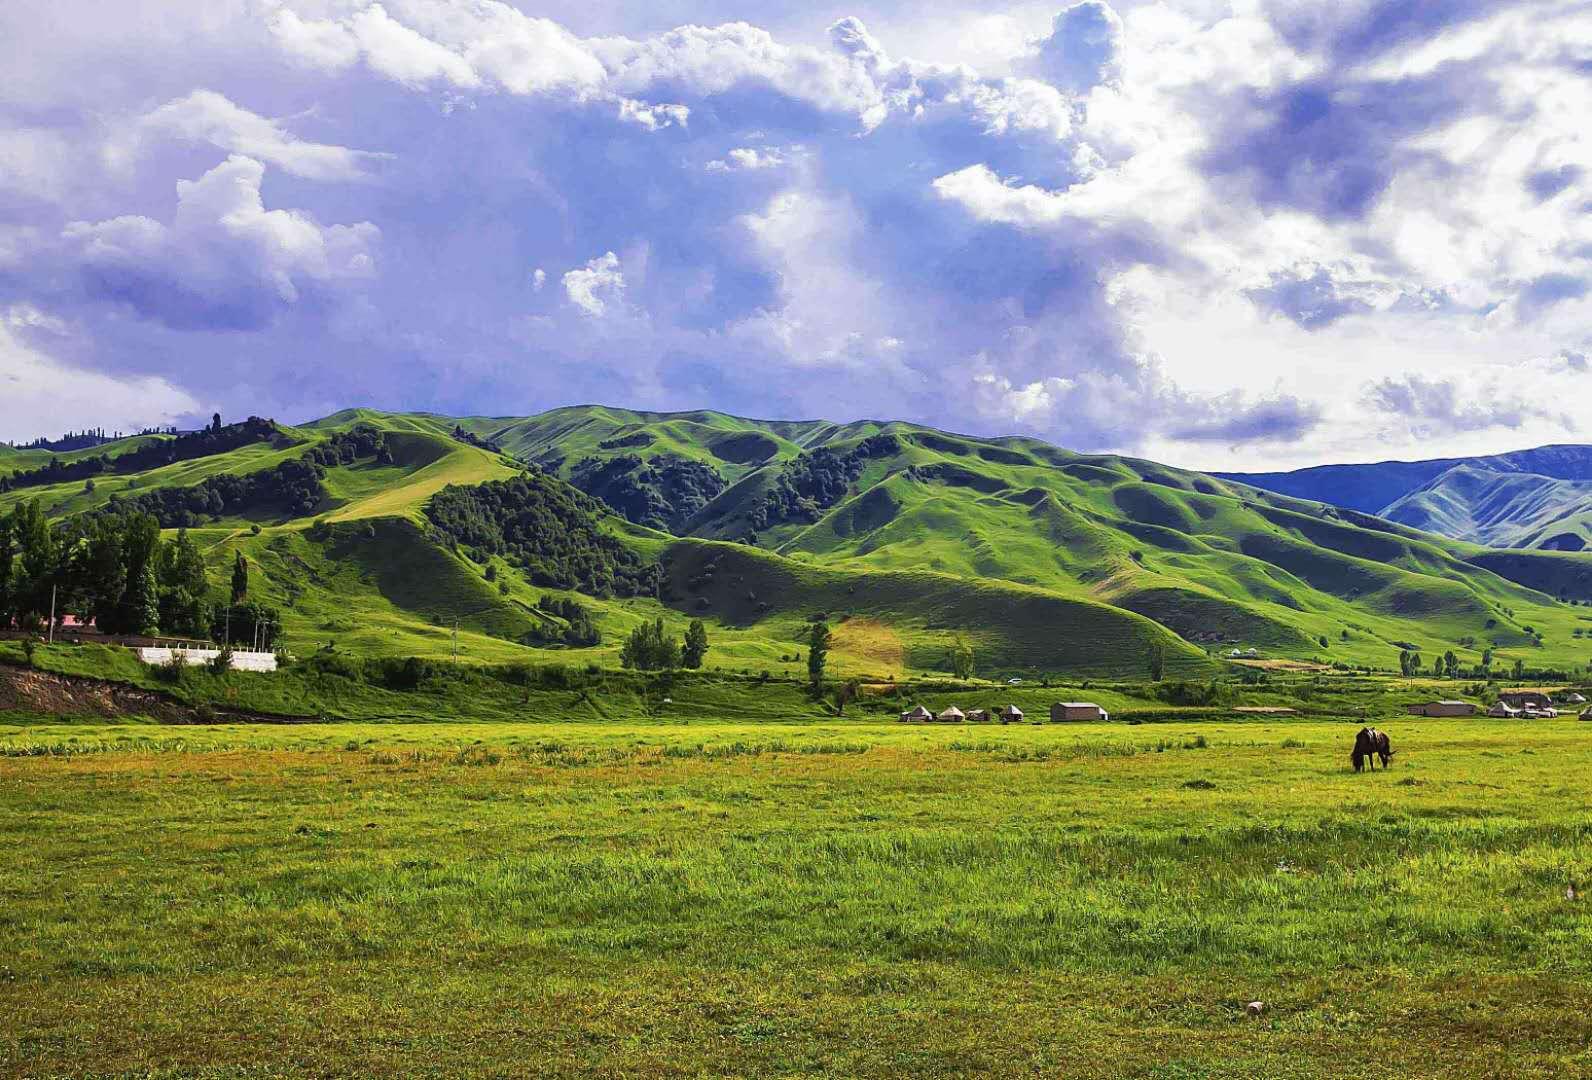 草原生态系统的分布、特点